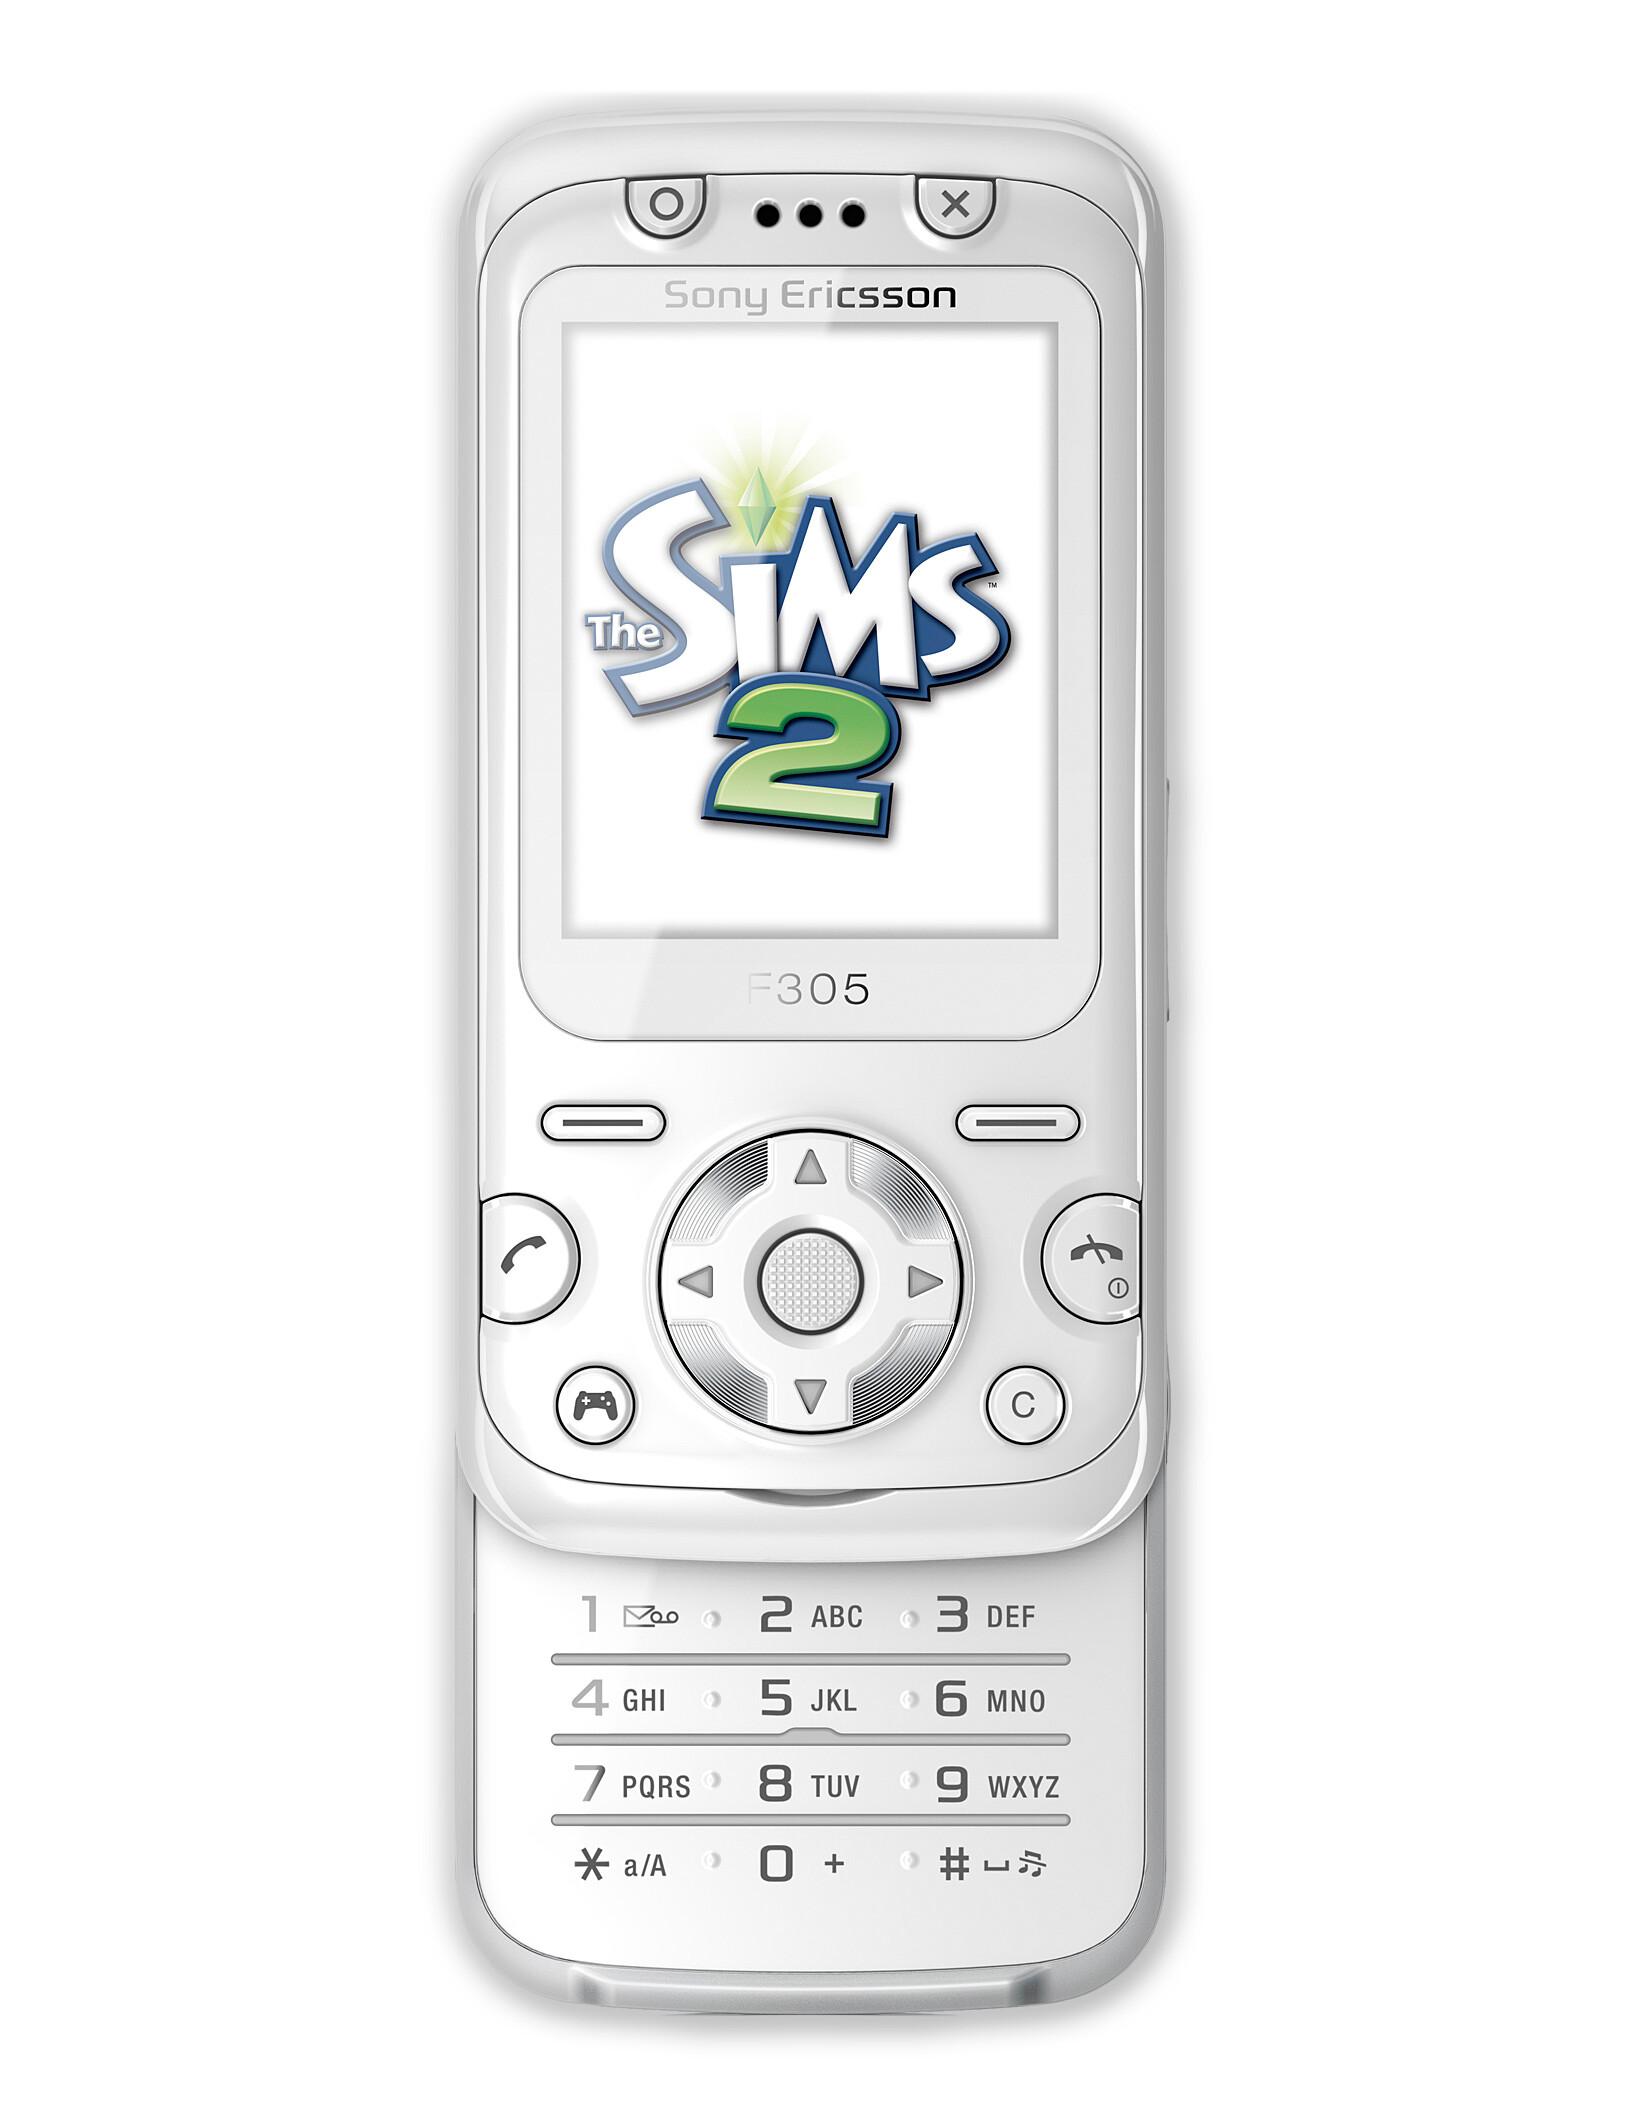 Sony Ericsson F305 specs